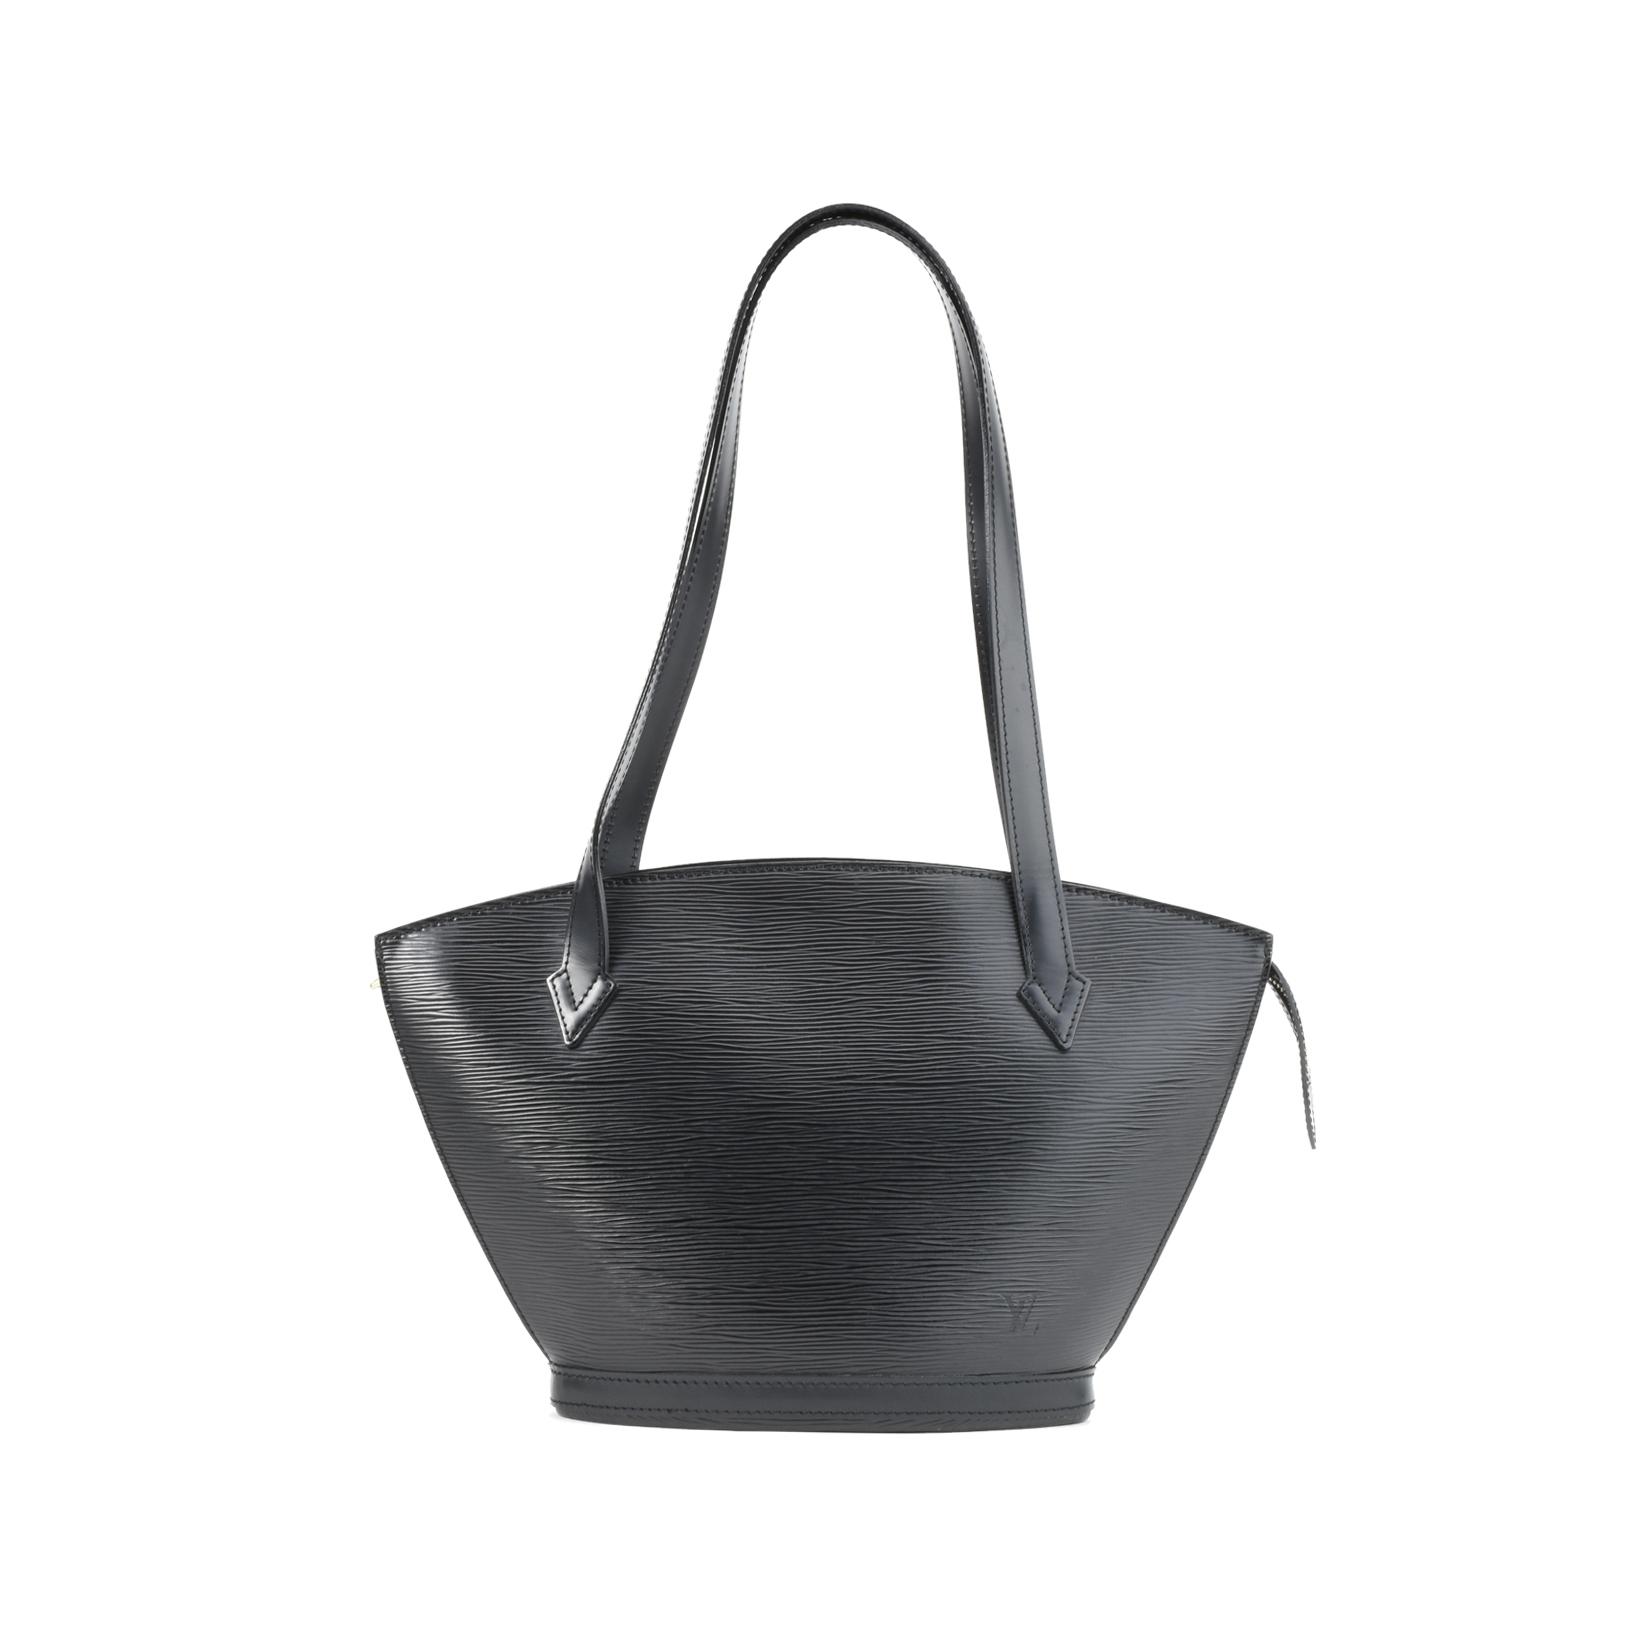 7a0aaf03dbbc Authentic Vintage Louis Vuitton Saint Jacques Handbag Epi Leather PM  (PSS-413-00007)